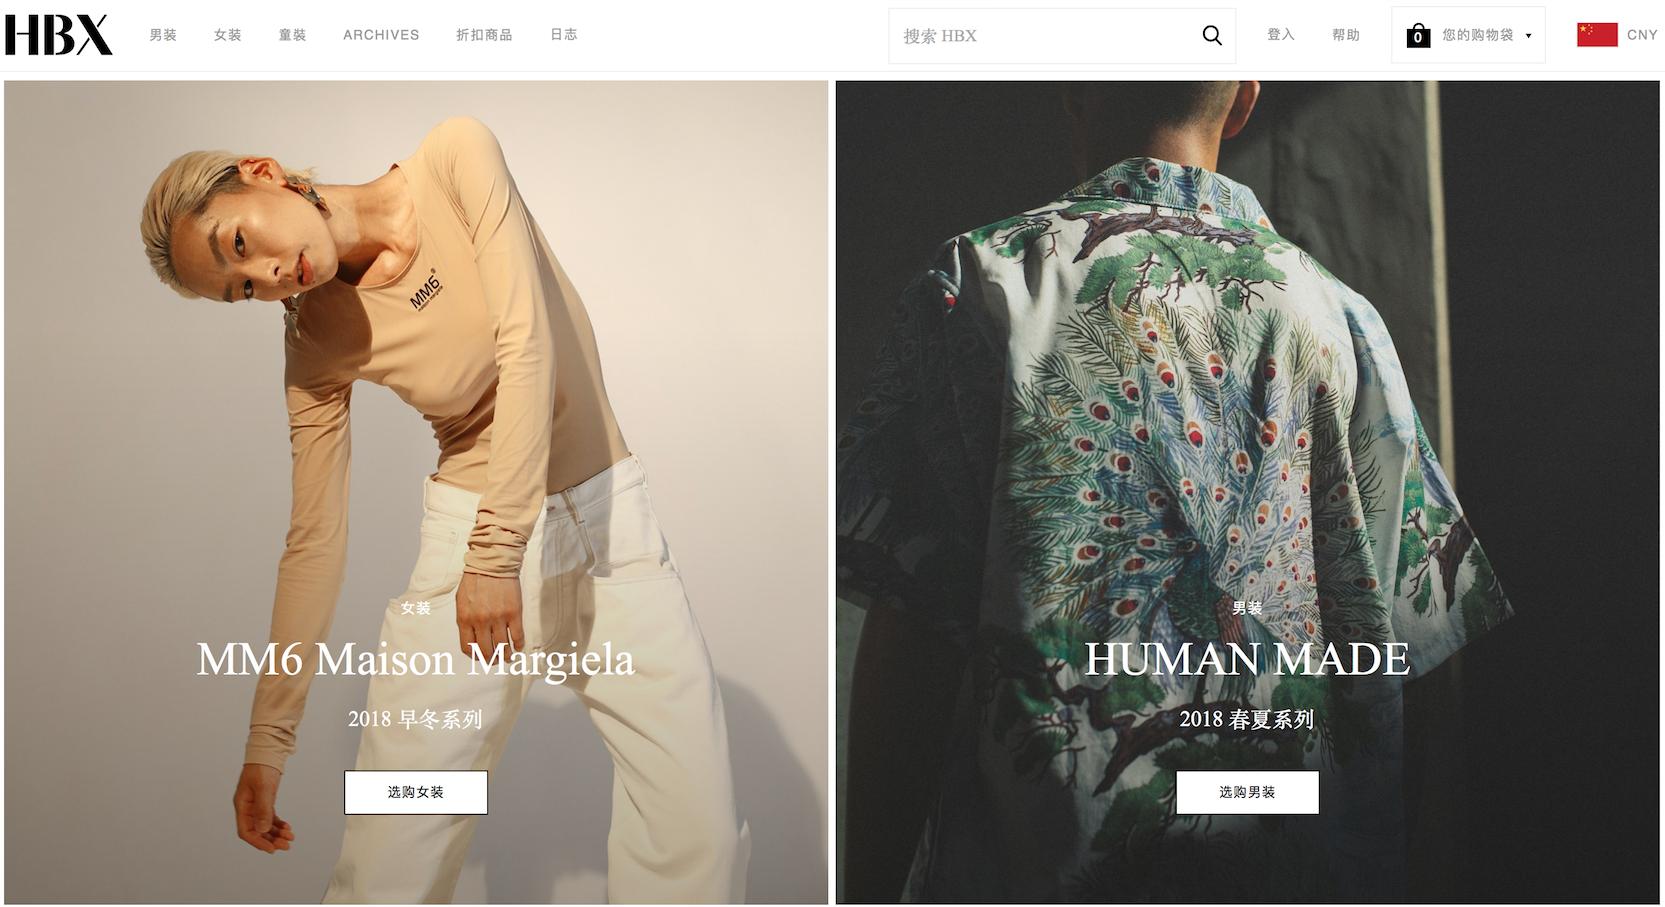 香港潮流时尚电商网站 Hypebeast最新年报:销售额同比大增76%至3.85亿港币